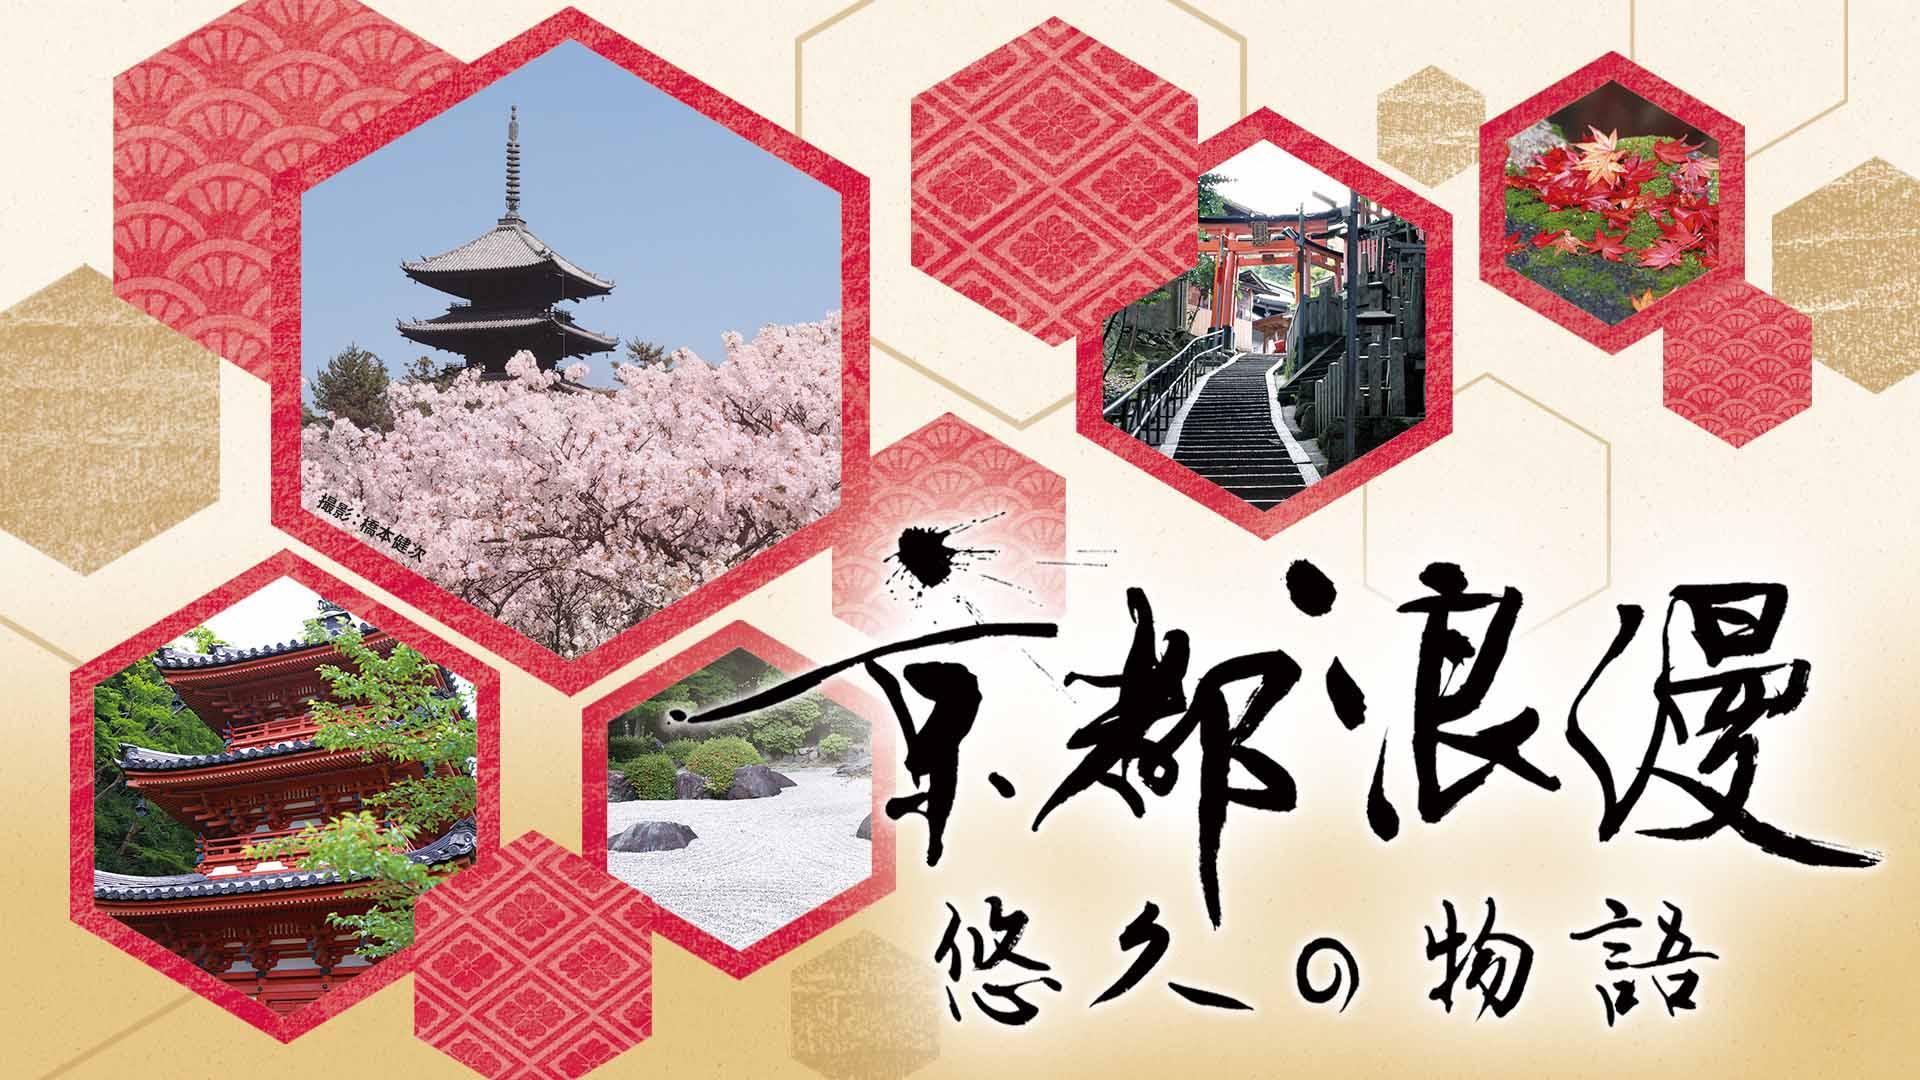 写真:京都浪漫 悠久の物語